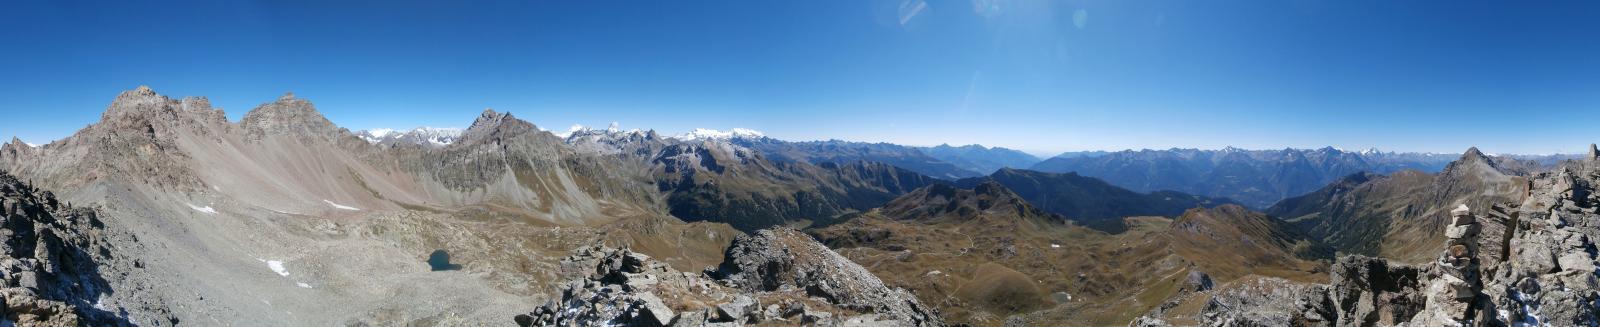 stupendo panorama dalla vetta a 360 gradi...